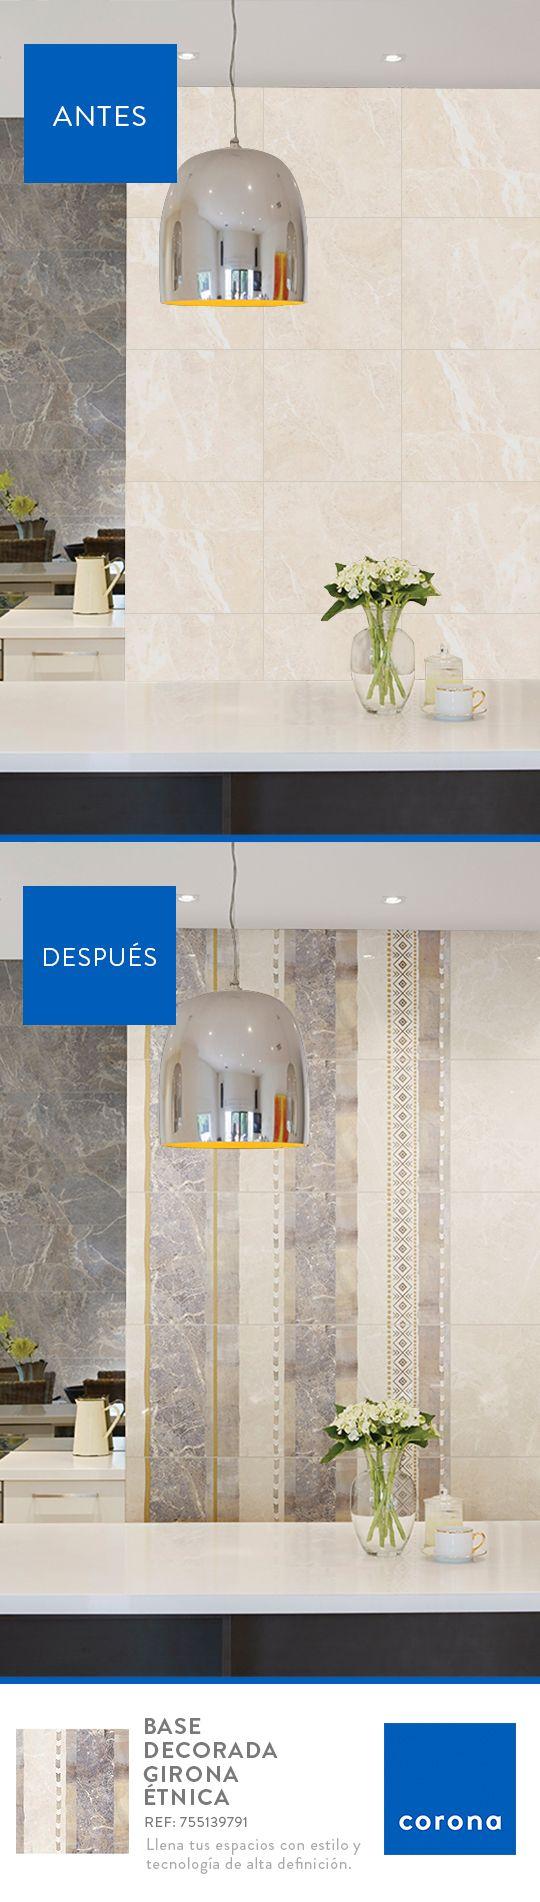 Destaca tu cocina con decorados que le den estilo y amplitud al espacio